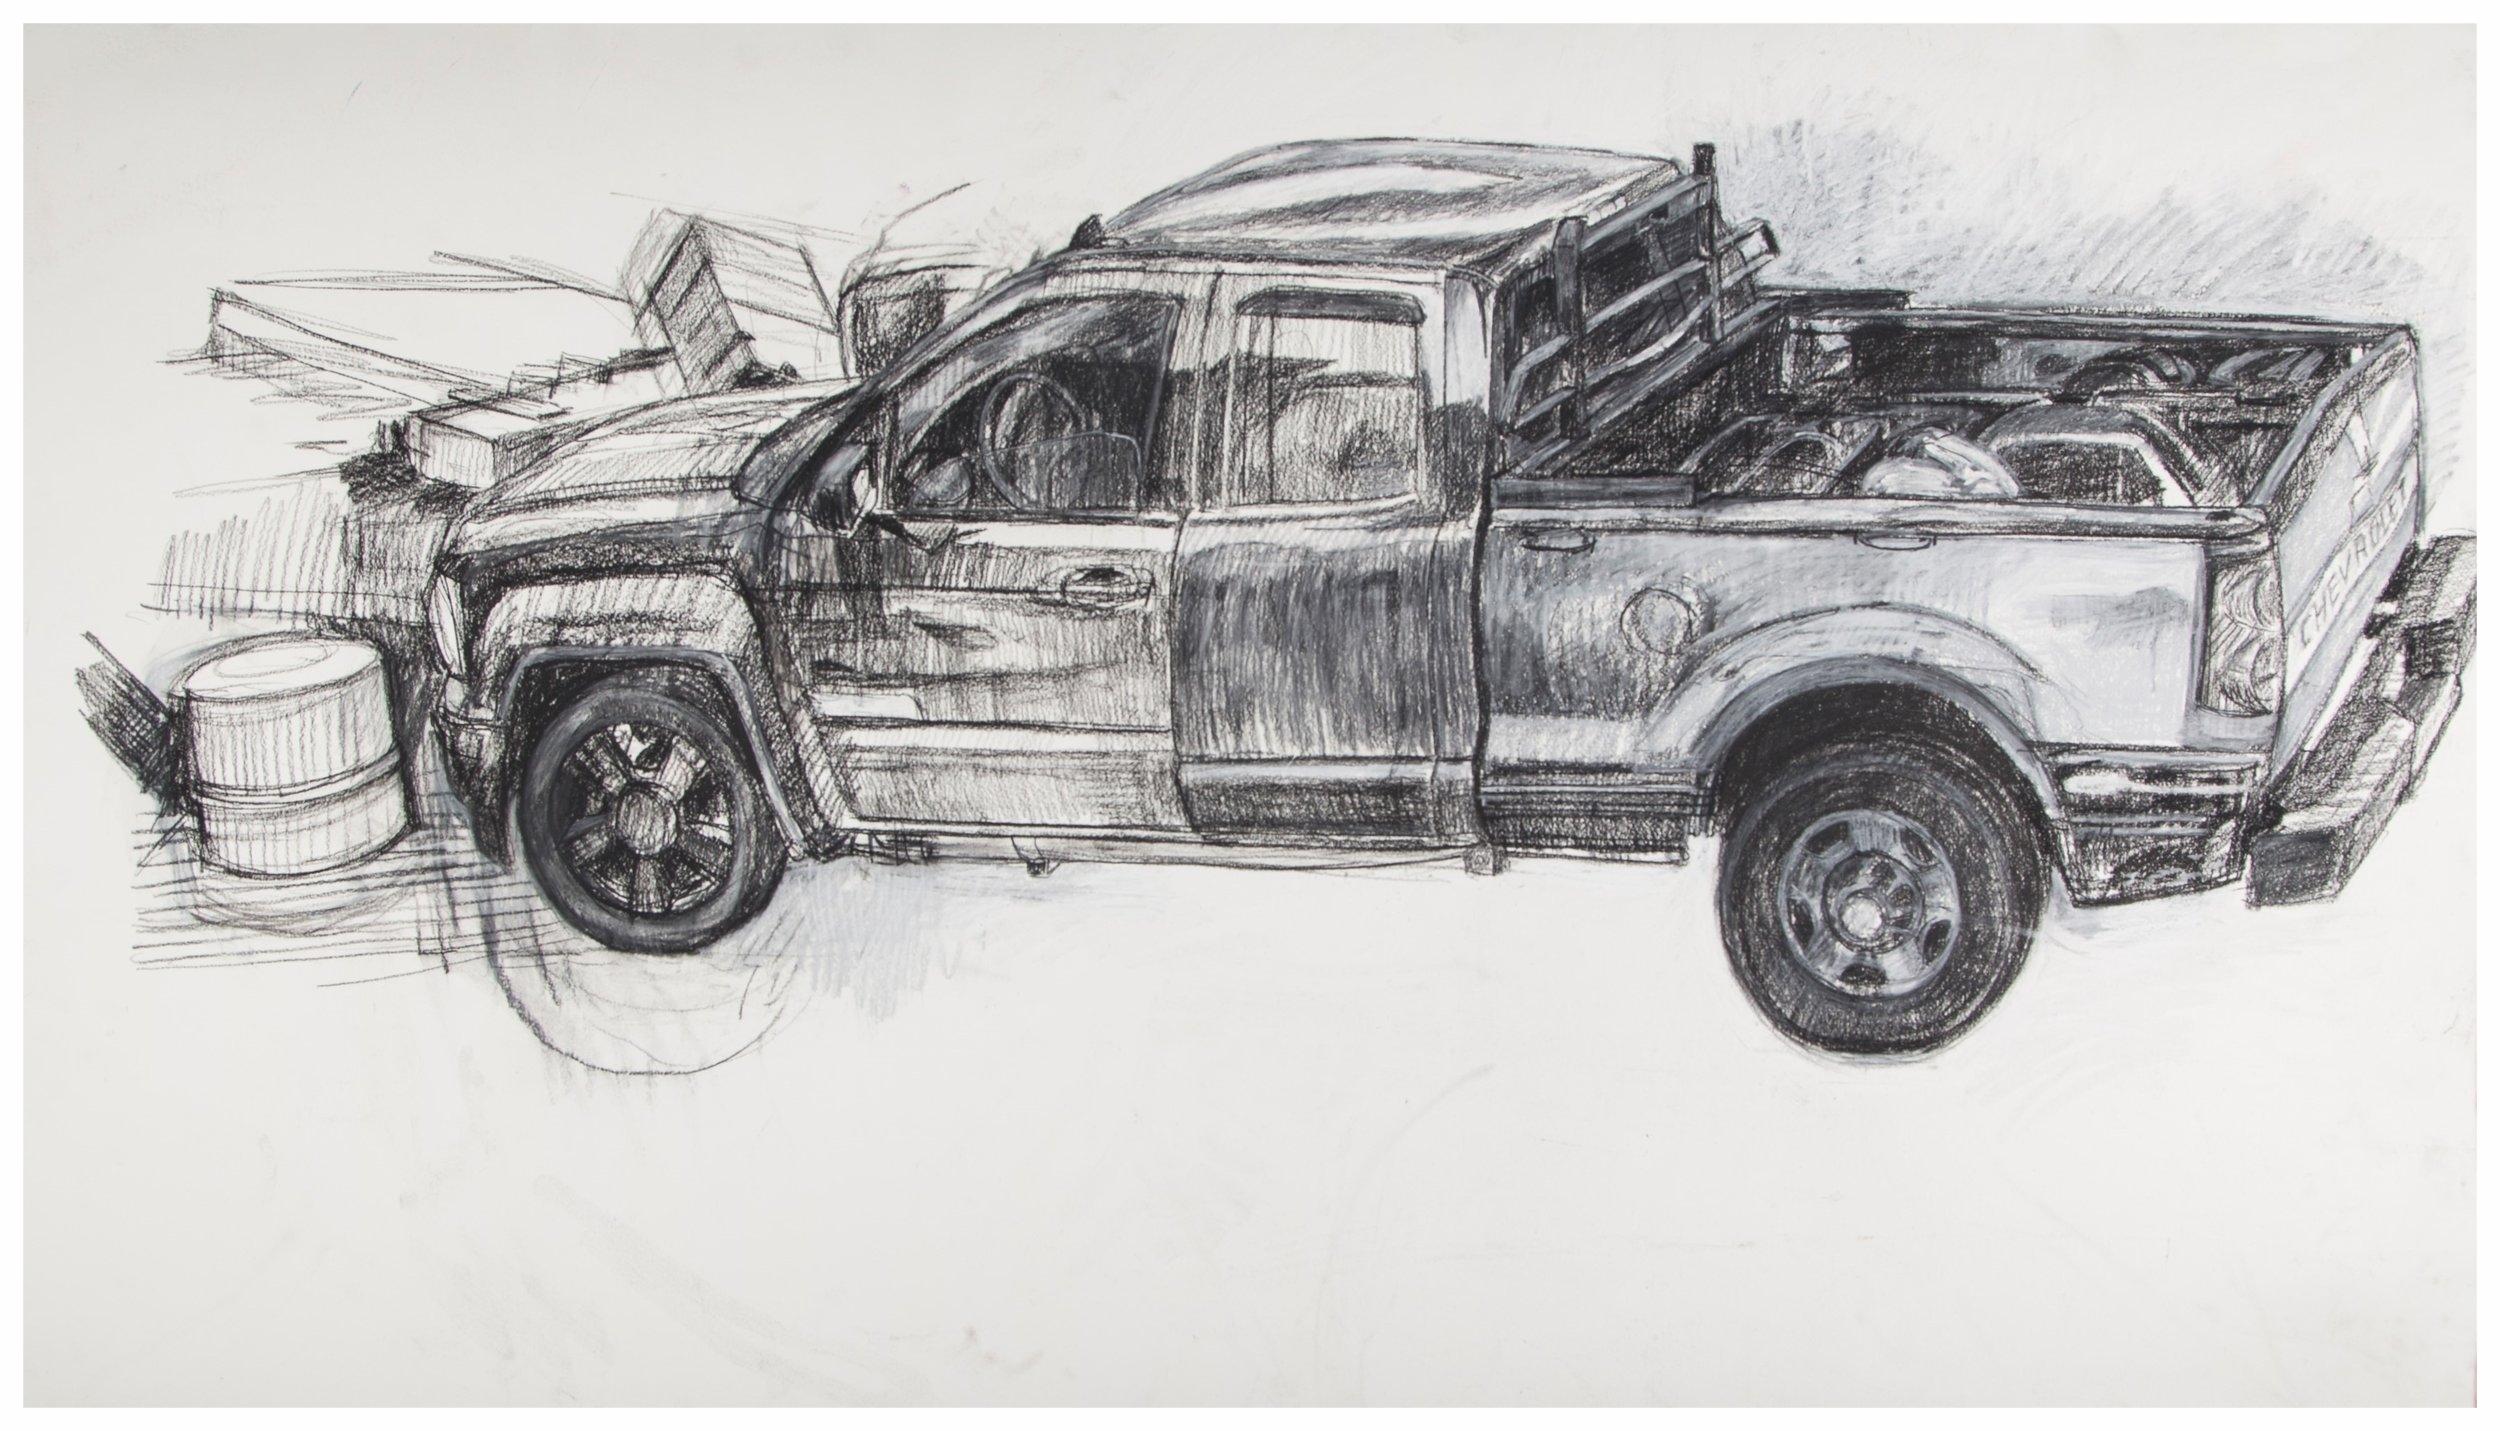 Study for Monster Truck